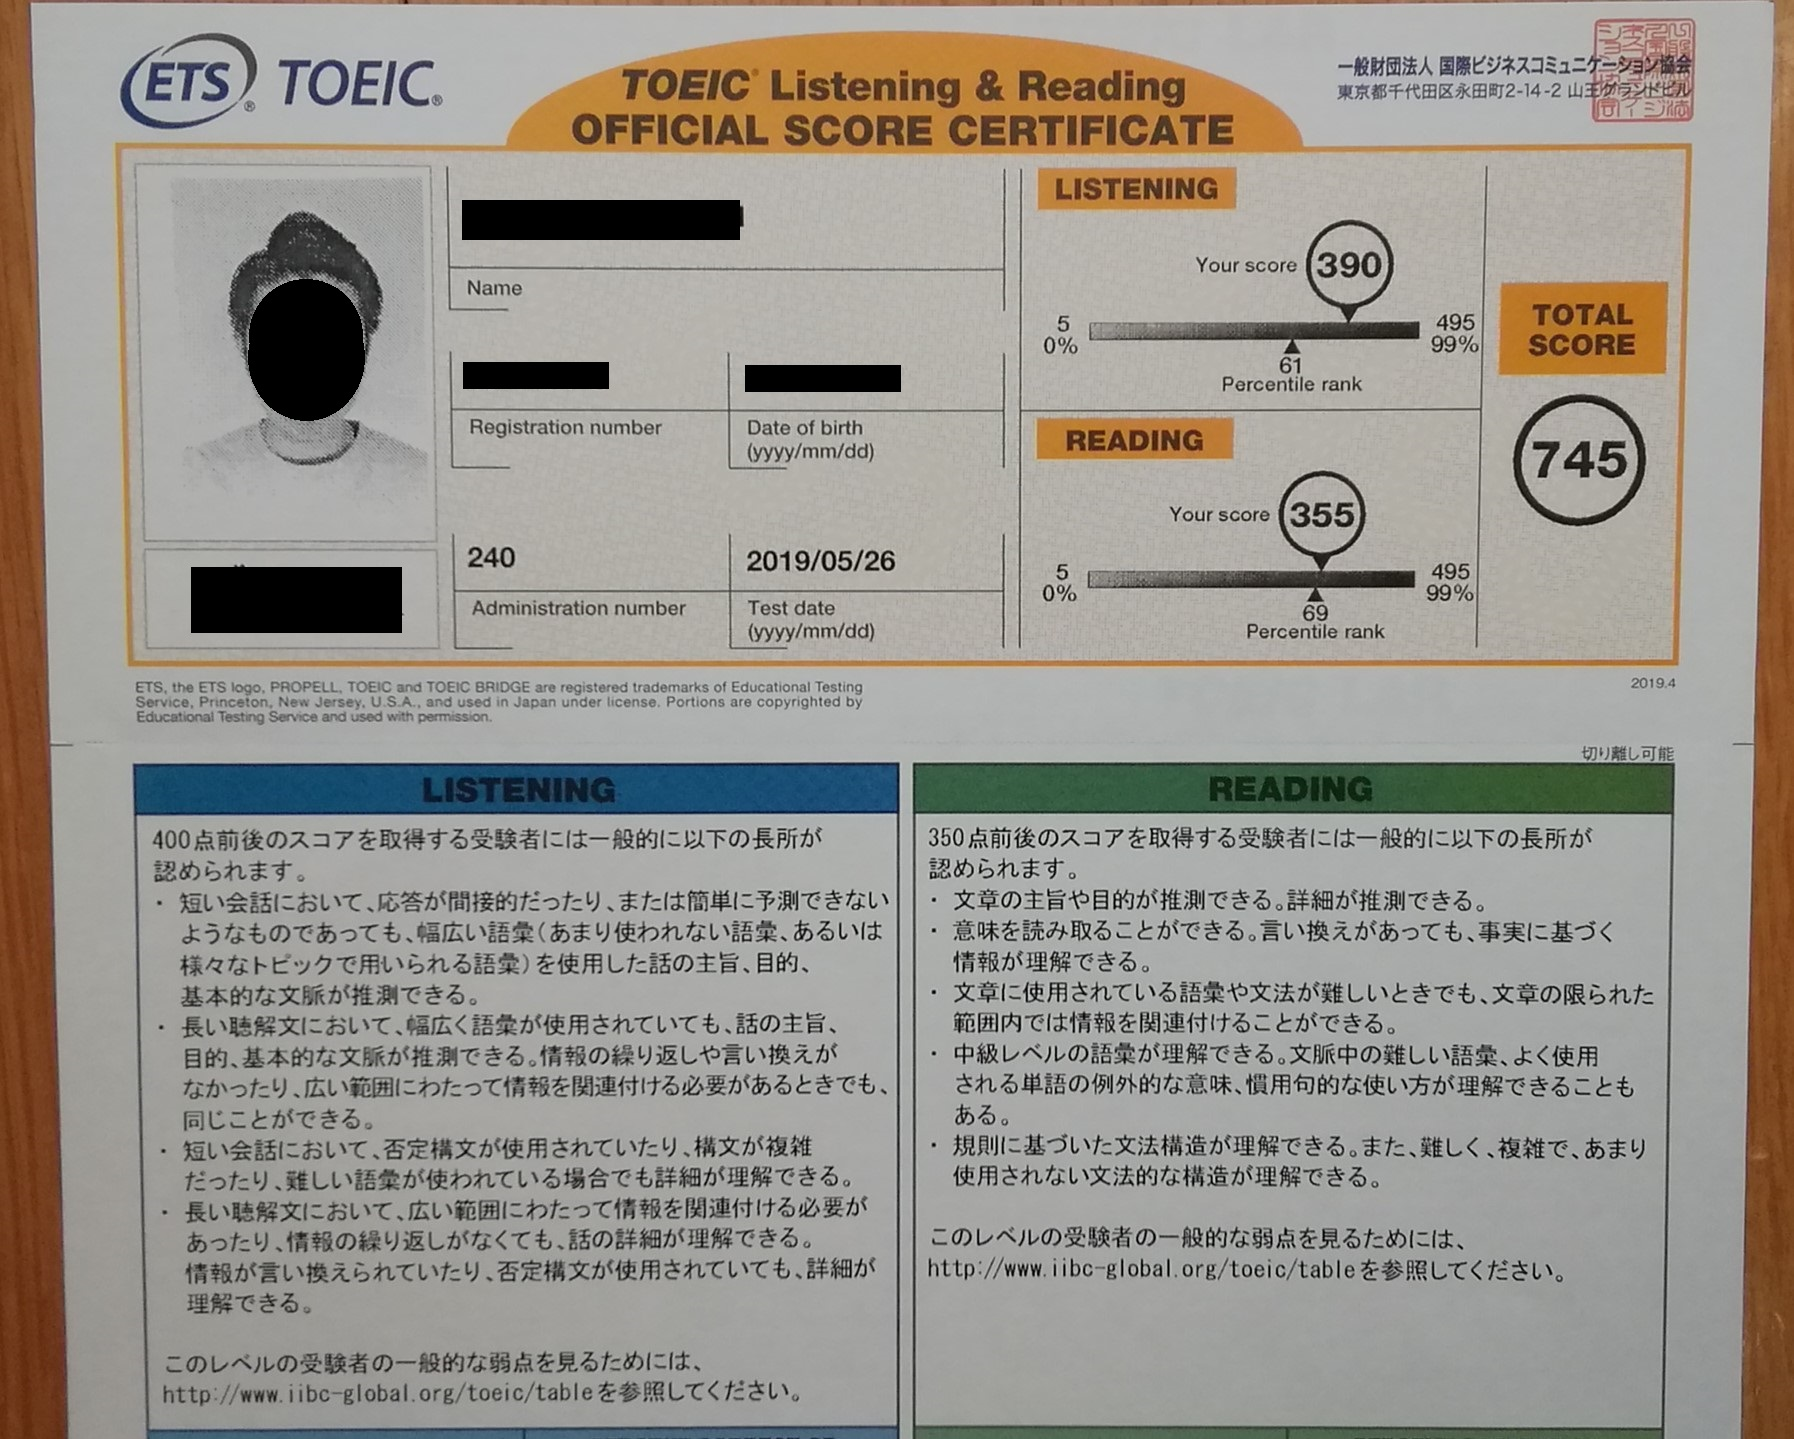 2019年5月26日TOEIC試験結果